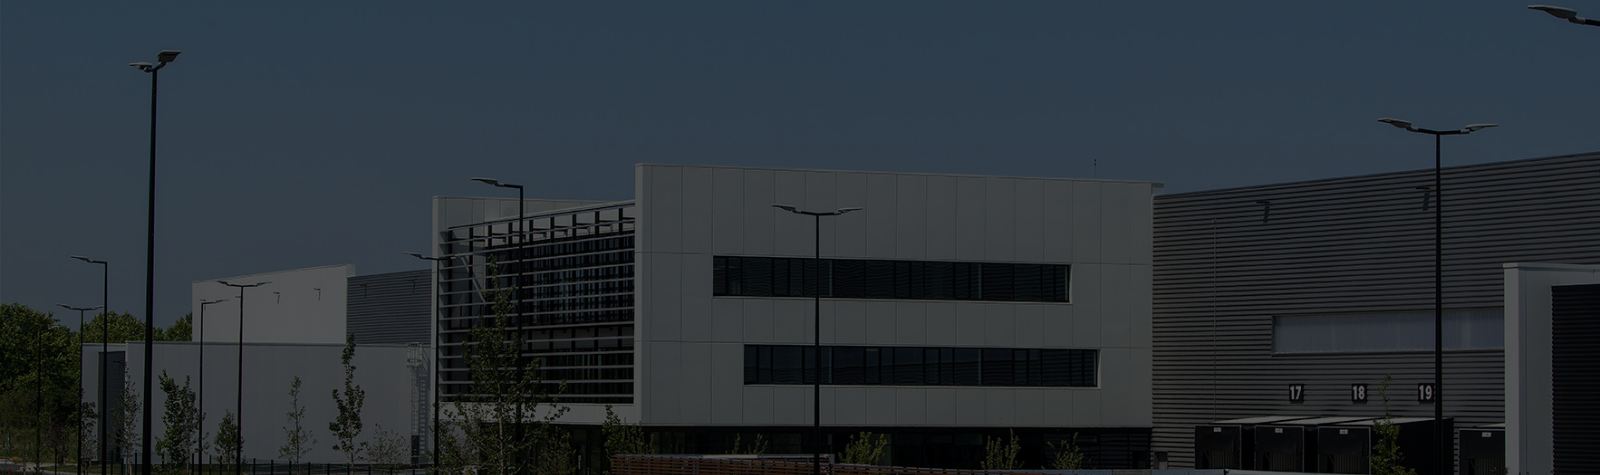 En louant le solde de S-One, LaSalle atteint les 100 % de taux d'occupation pour l'ensemble des actifs logistiques qu'elle gère en France